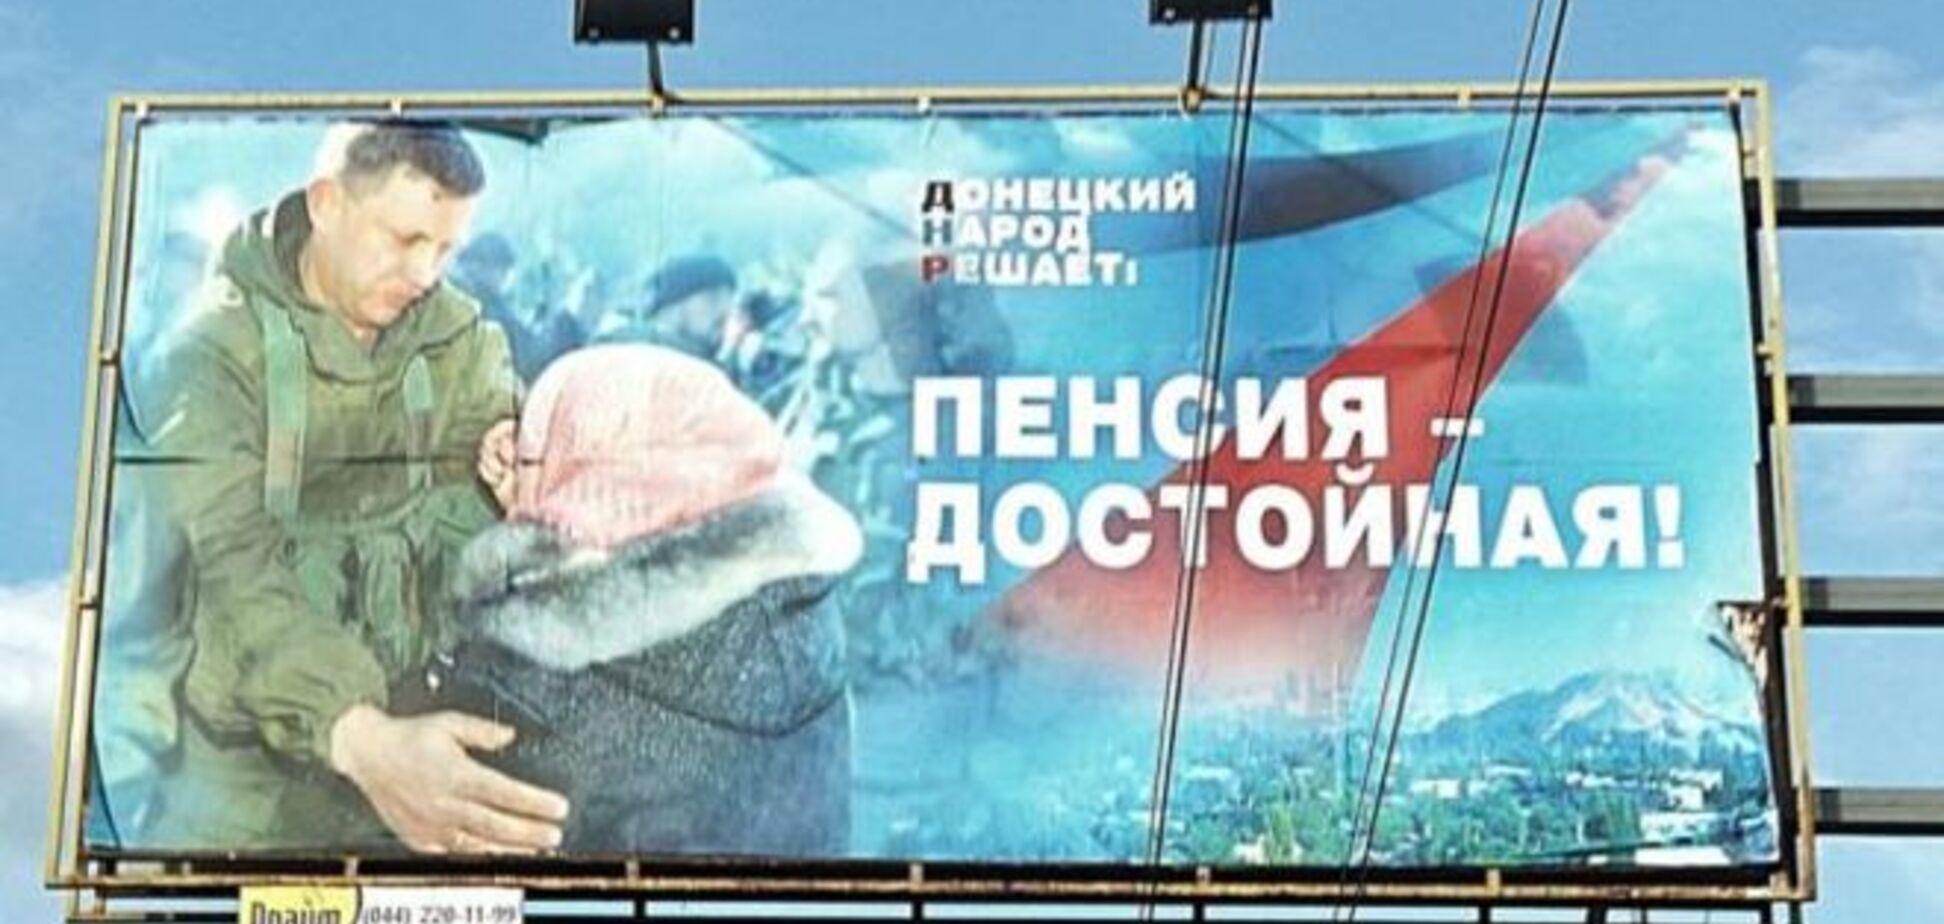 Как 'ДНР' внушает дончанам веру в 'светлое будущее': подборка фото